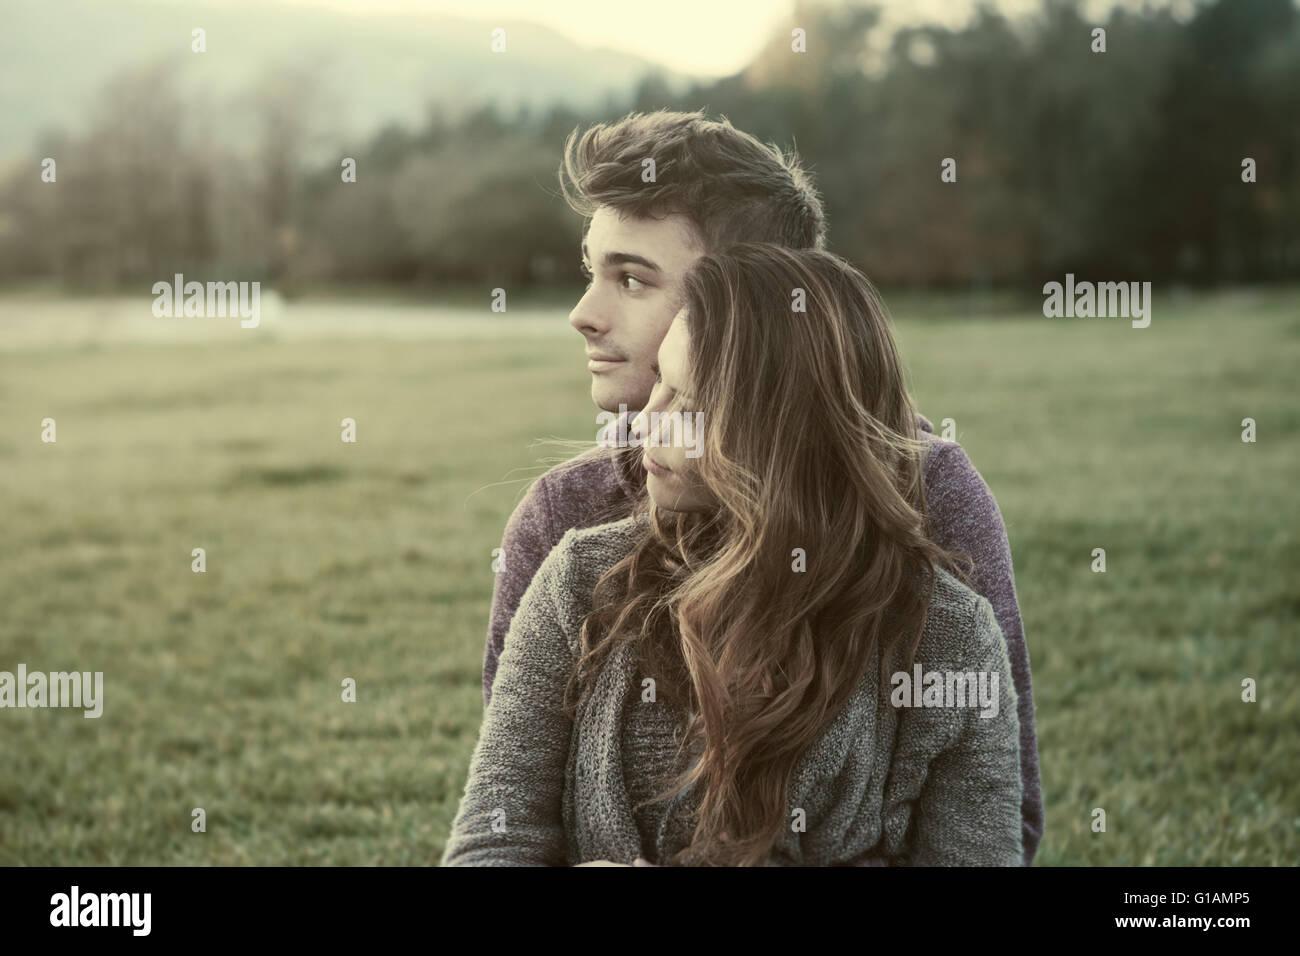 Giovani adolescenti all'aperto, seduti su erba e coccole, egli è abbracciando la sua fidanzata, relazioni Immagini Stock